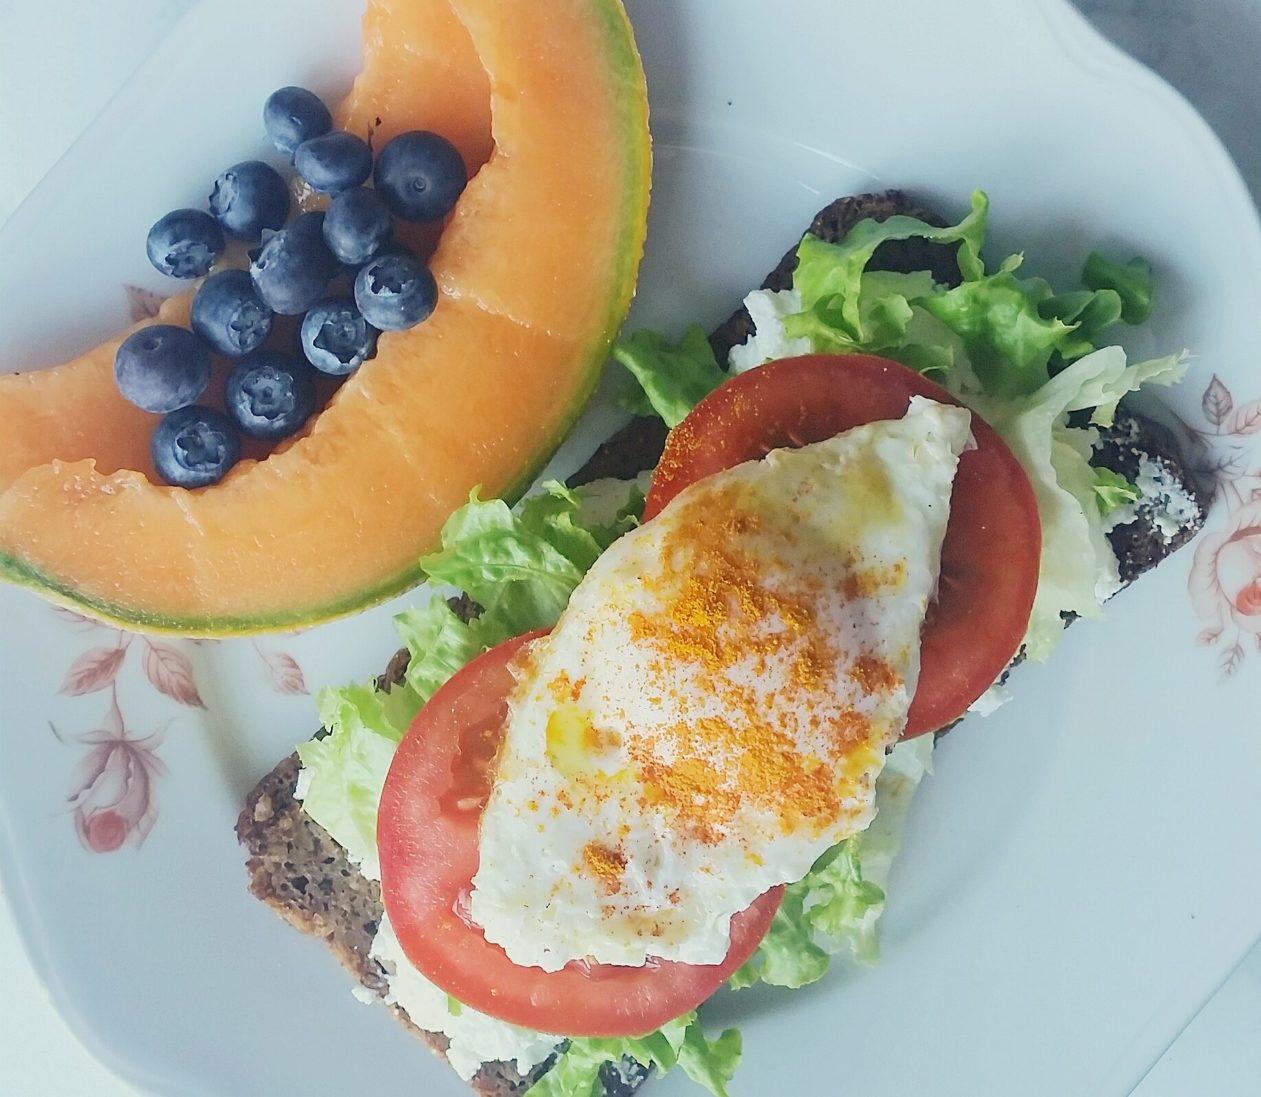 Natalie: Jedite umjereno i balansirano